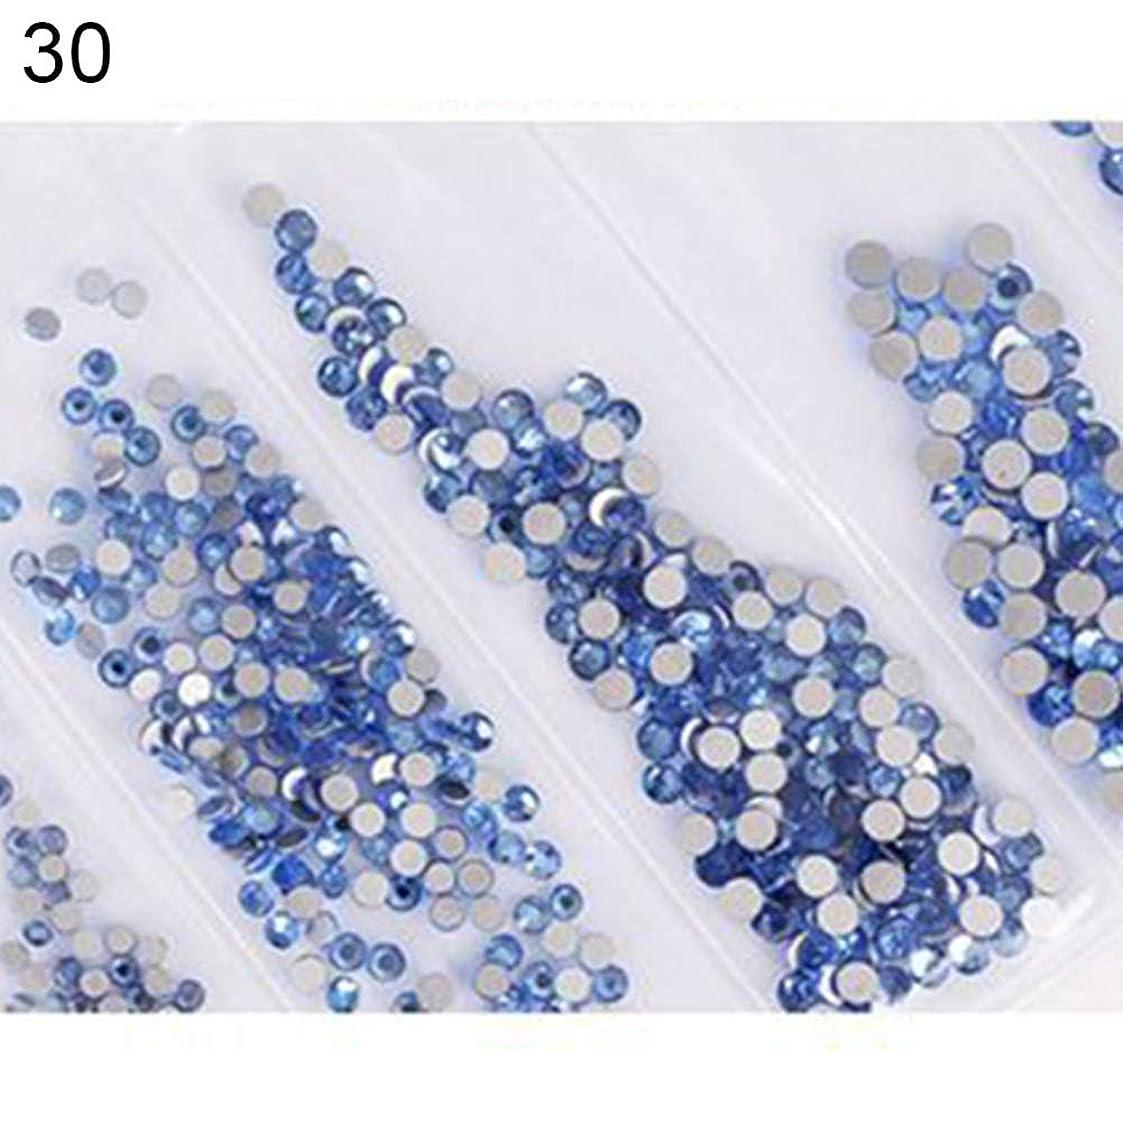 パック道路クラフトhamulekfae-6ピース光沢のあるフラットガラスラインストーンネイルアートの装飾diyマニキュアのヒントツール 30#